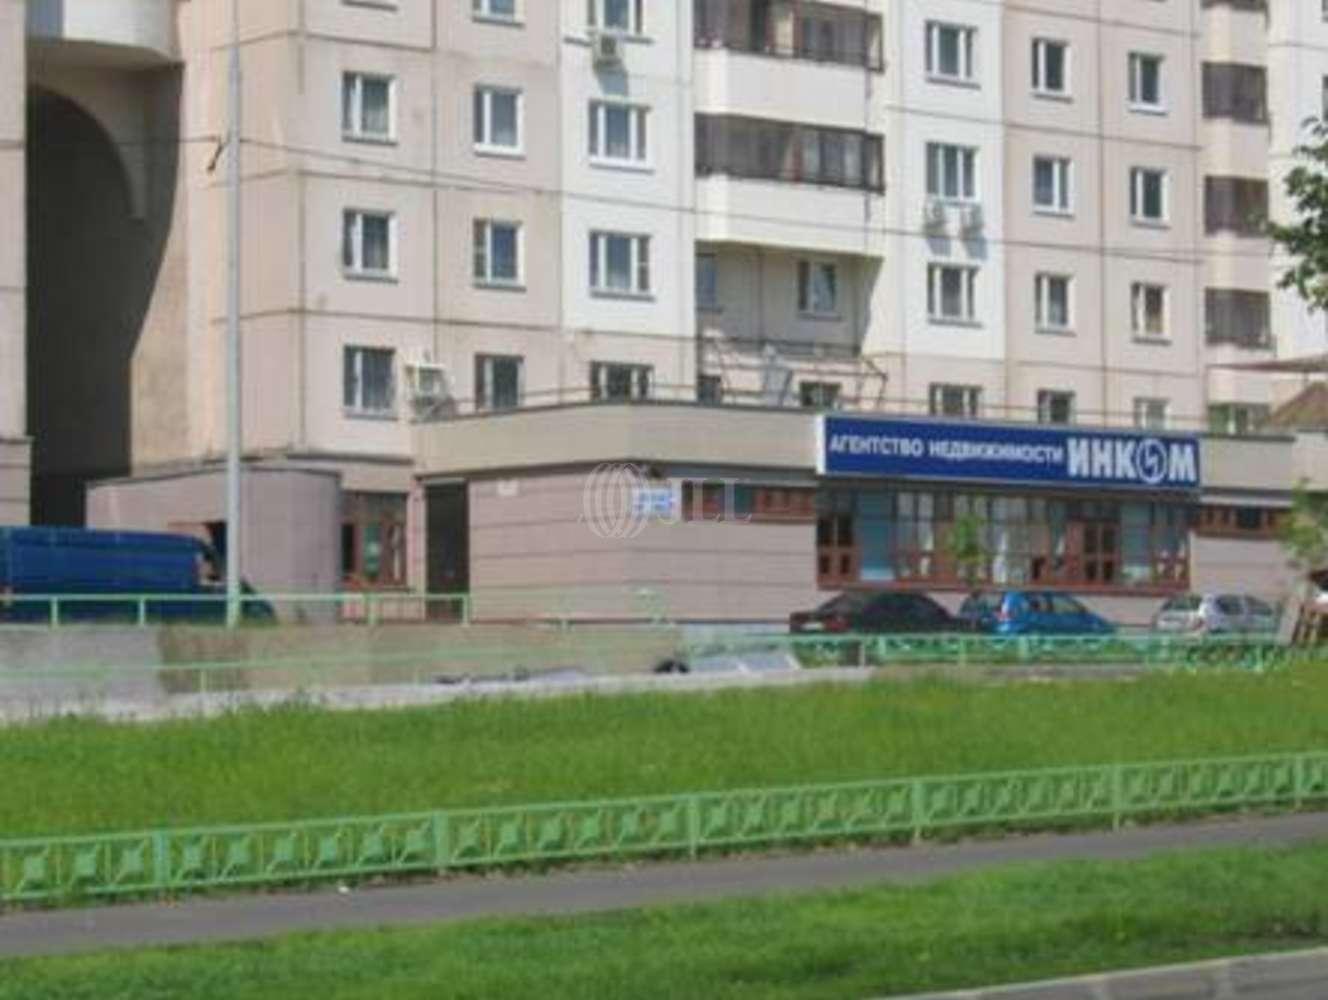 Офисная недвижимость Москва - Симферопольский б-р. 22